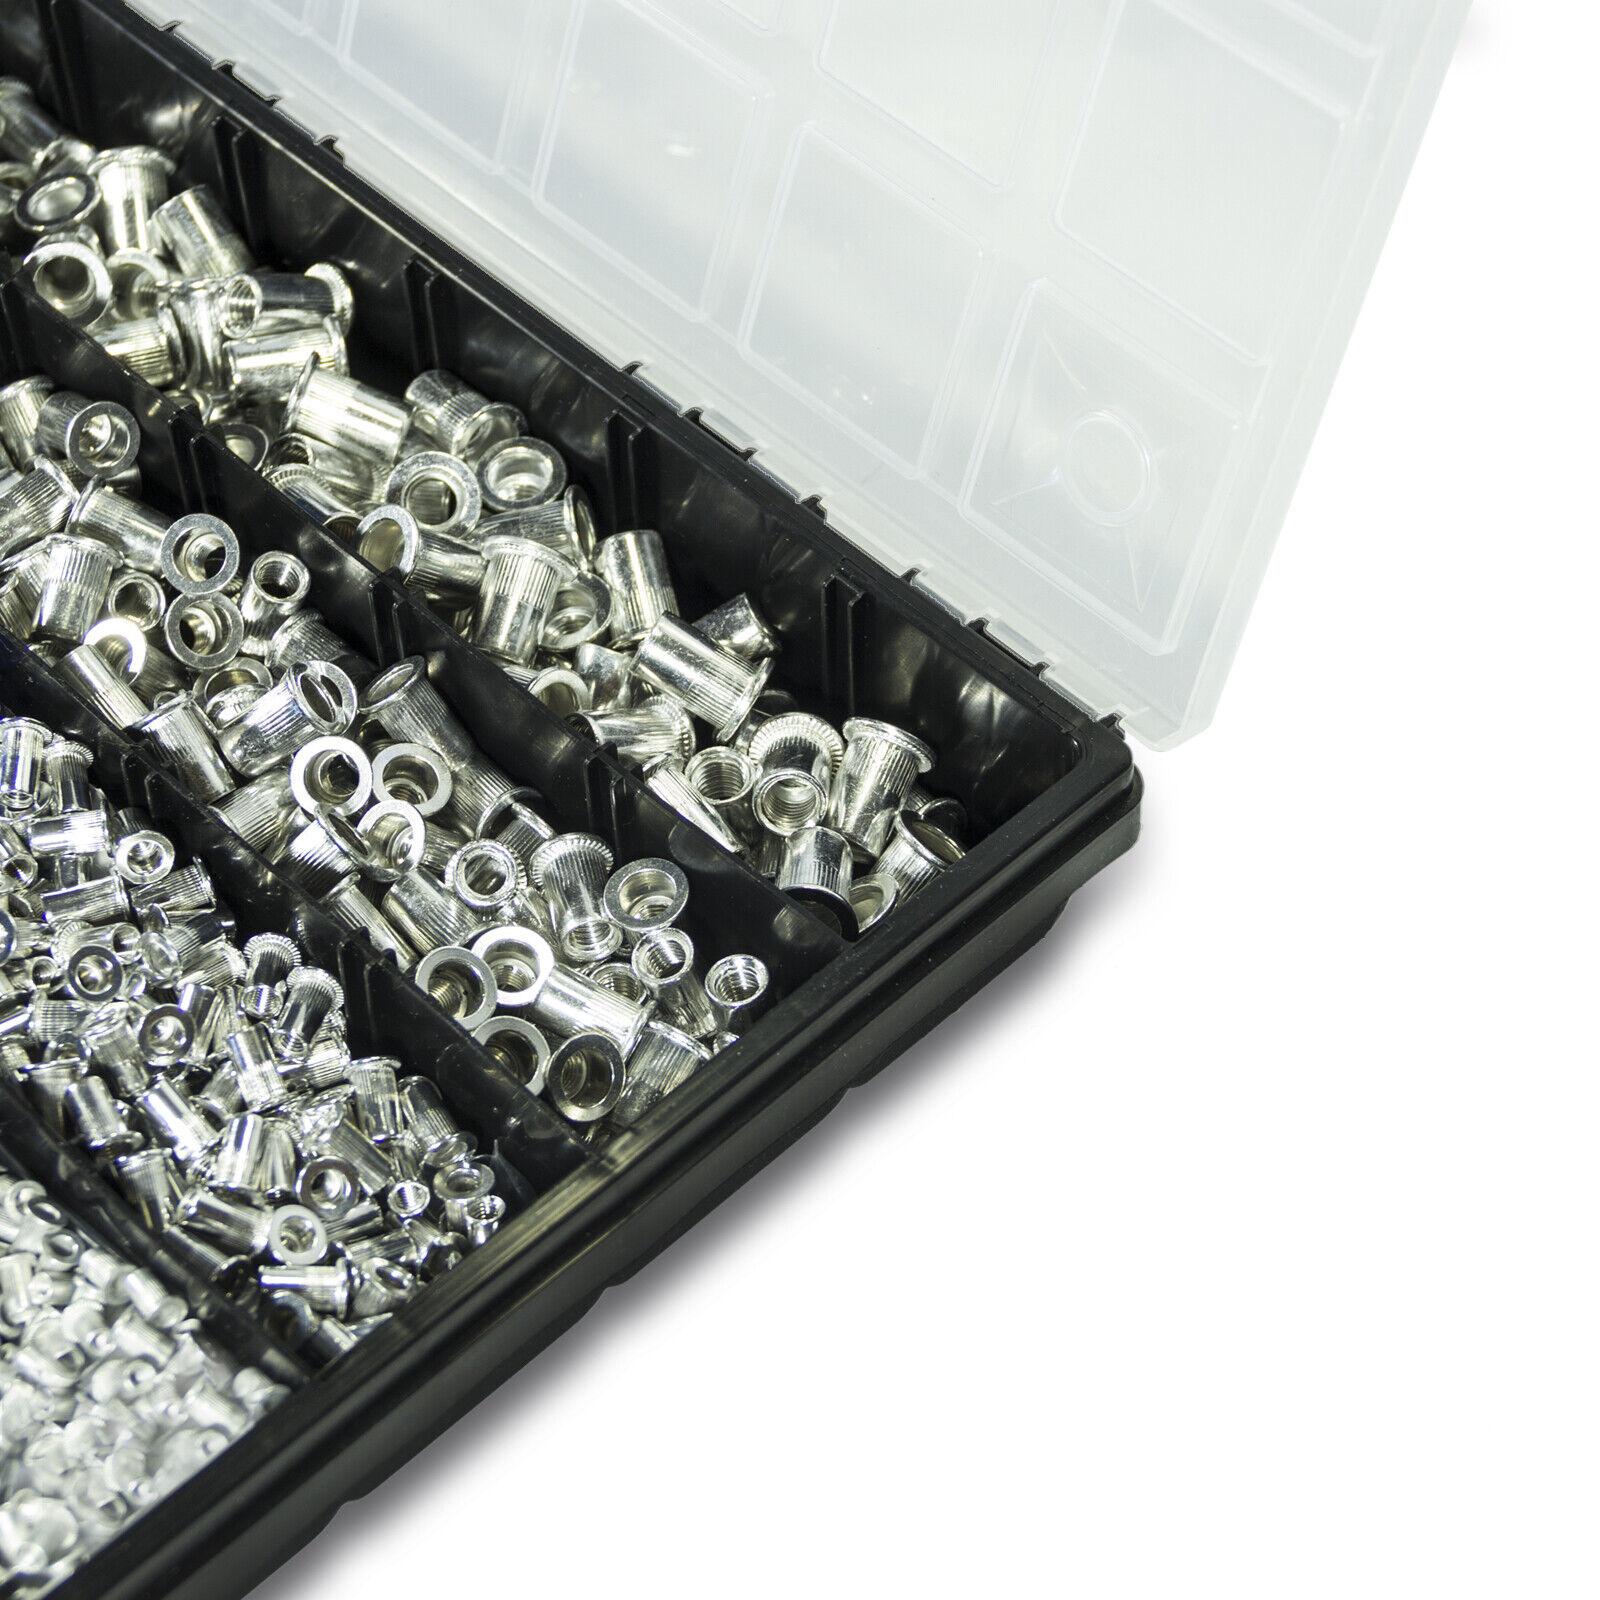 MorNon 300-tlg Stahl Nietmutter-Sortiment Box Blindnietmuttern Satz Einnietmuttern Set f/ür Holzm/öbel Gewindeeins/ätze